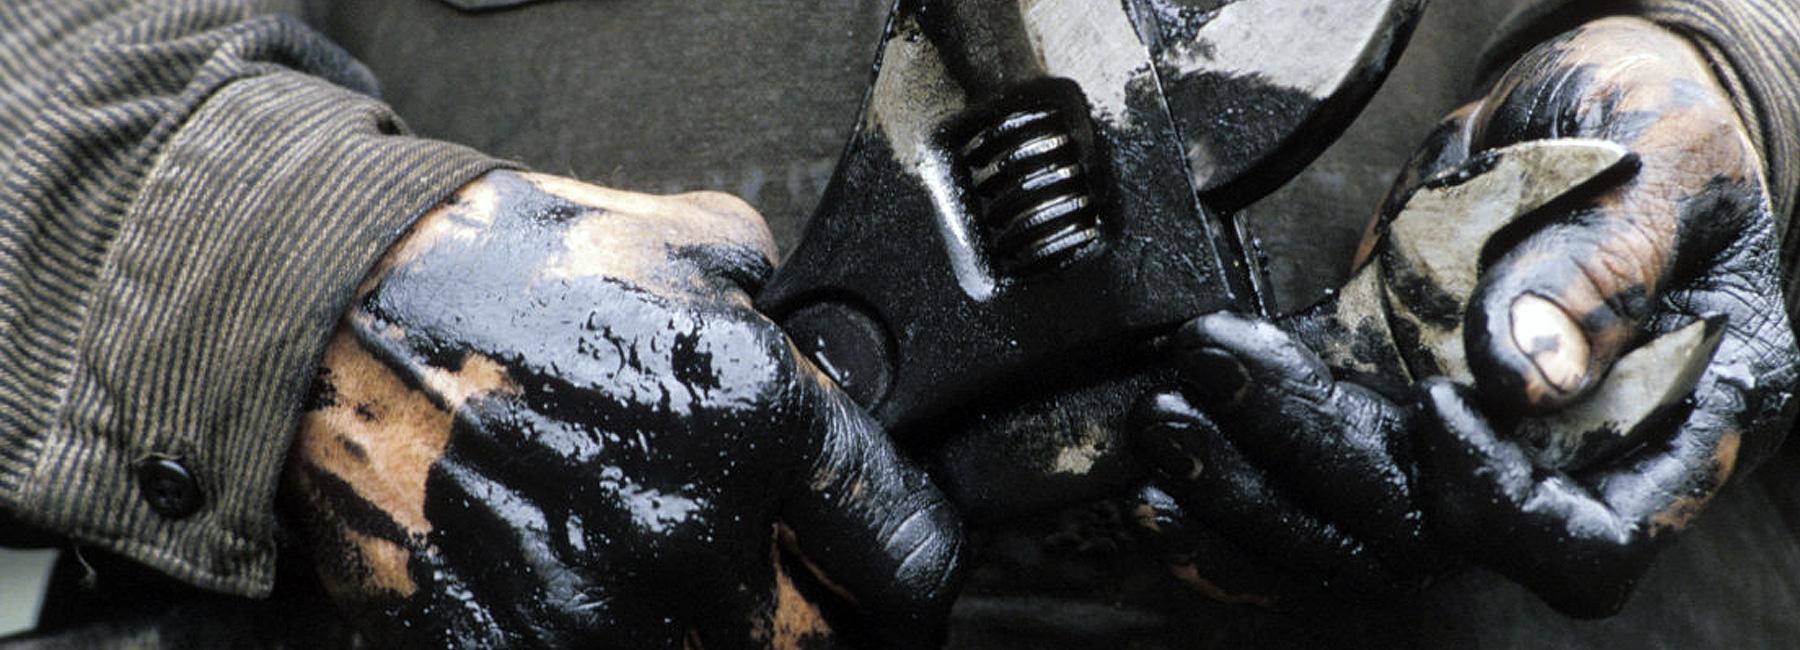 unidad-cirugia-mano-coruna-manos-engrasadas-llave-inglesa-plana